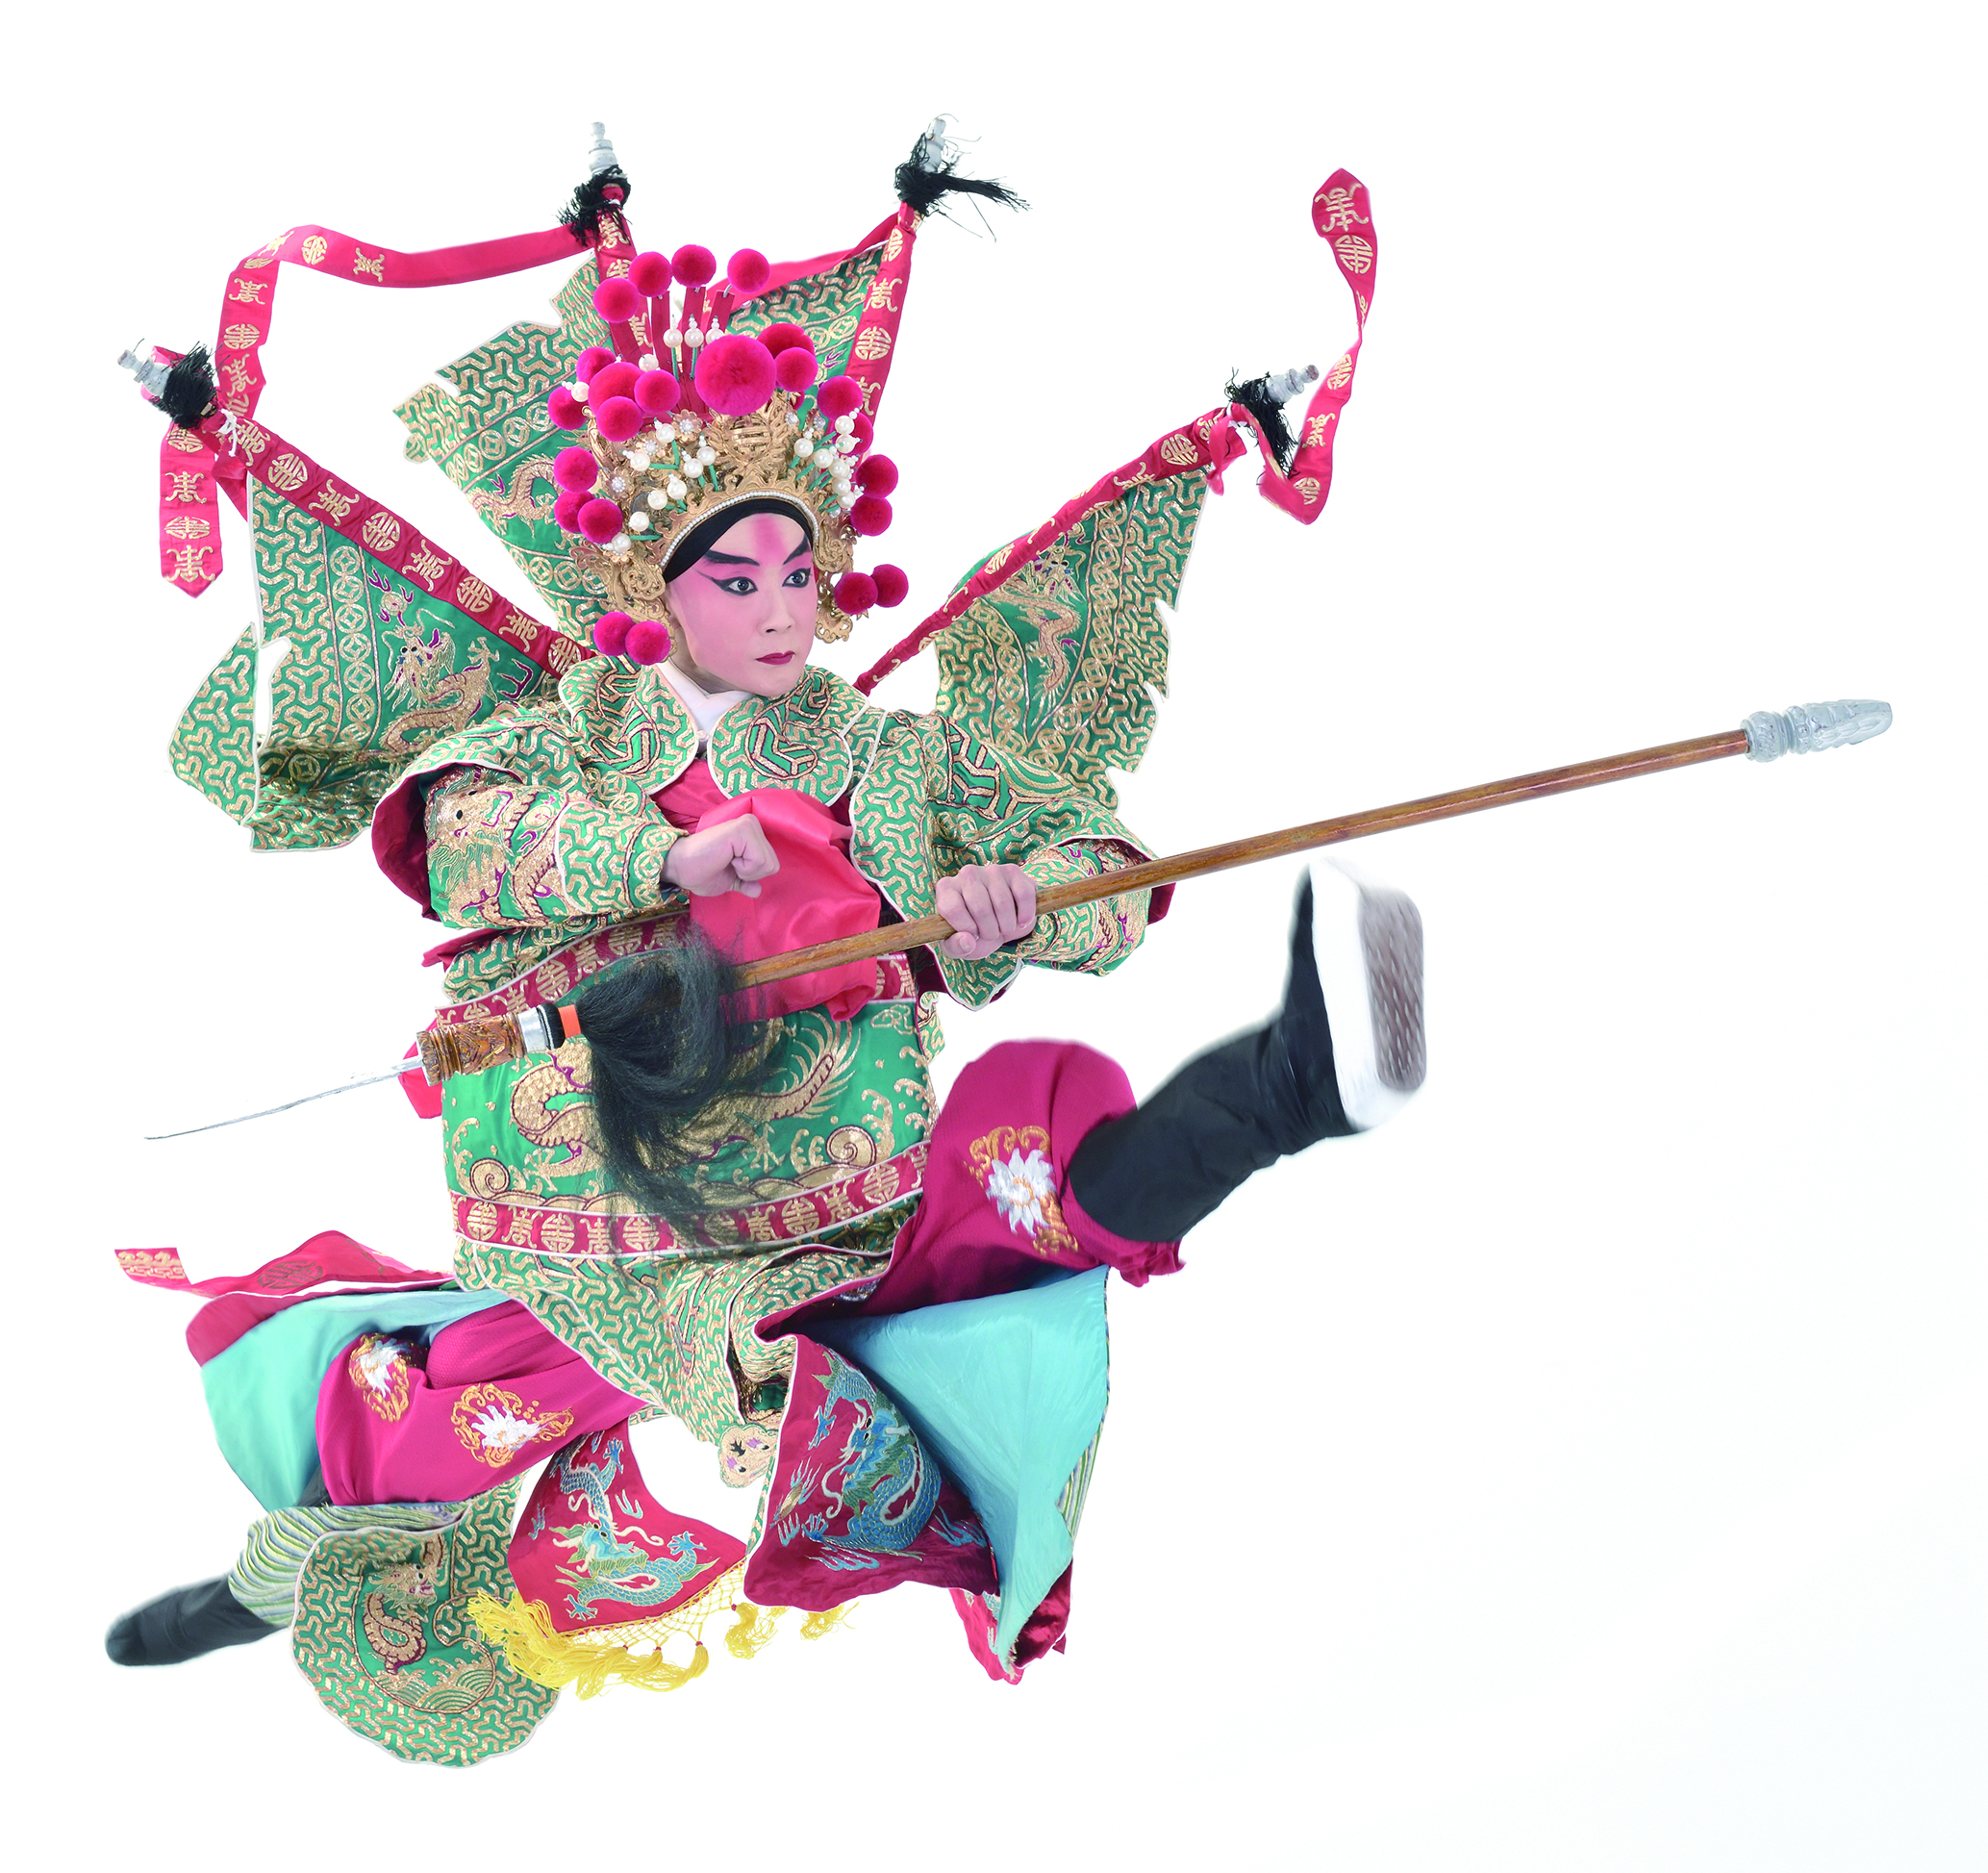 圖10新秀演員李家德在《挑滑車》裡飾演高寵,其武戲實為精彩。(國立傳統藝術中心提供).jpg